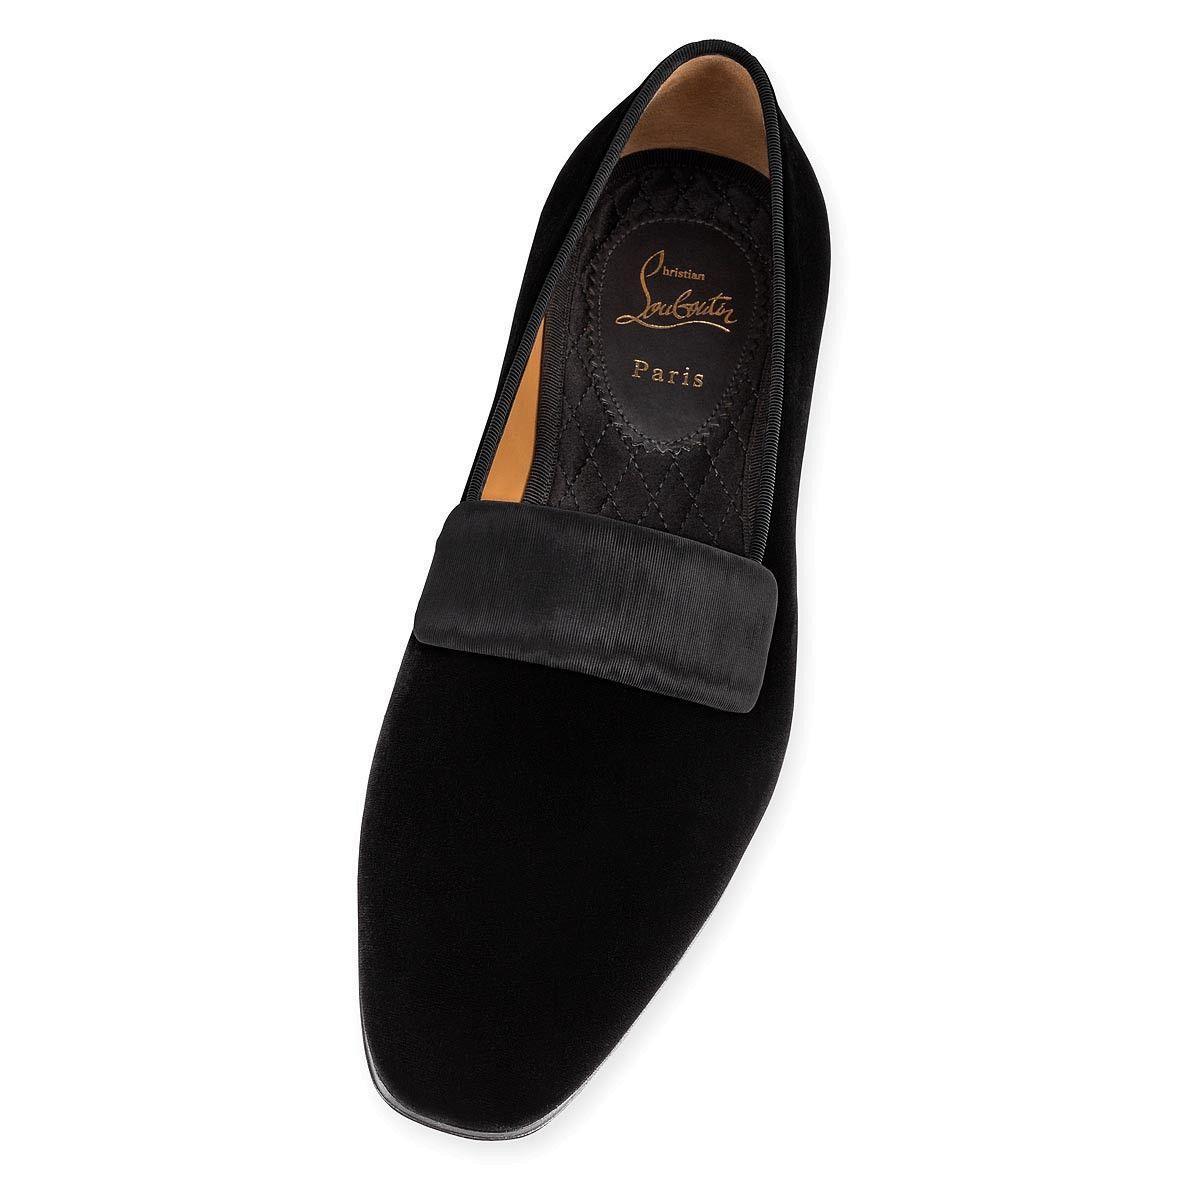 chaussures louboutin boutique paris